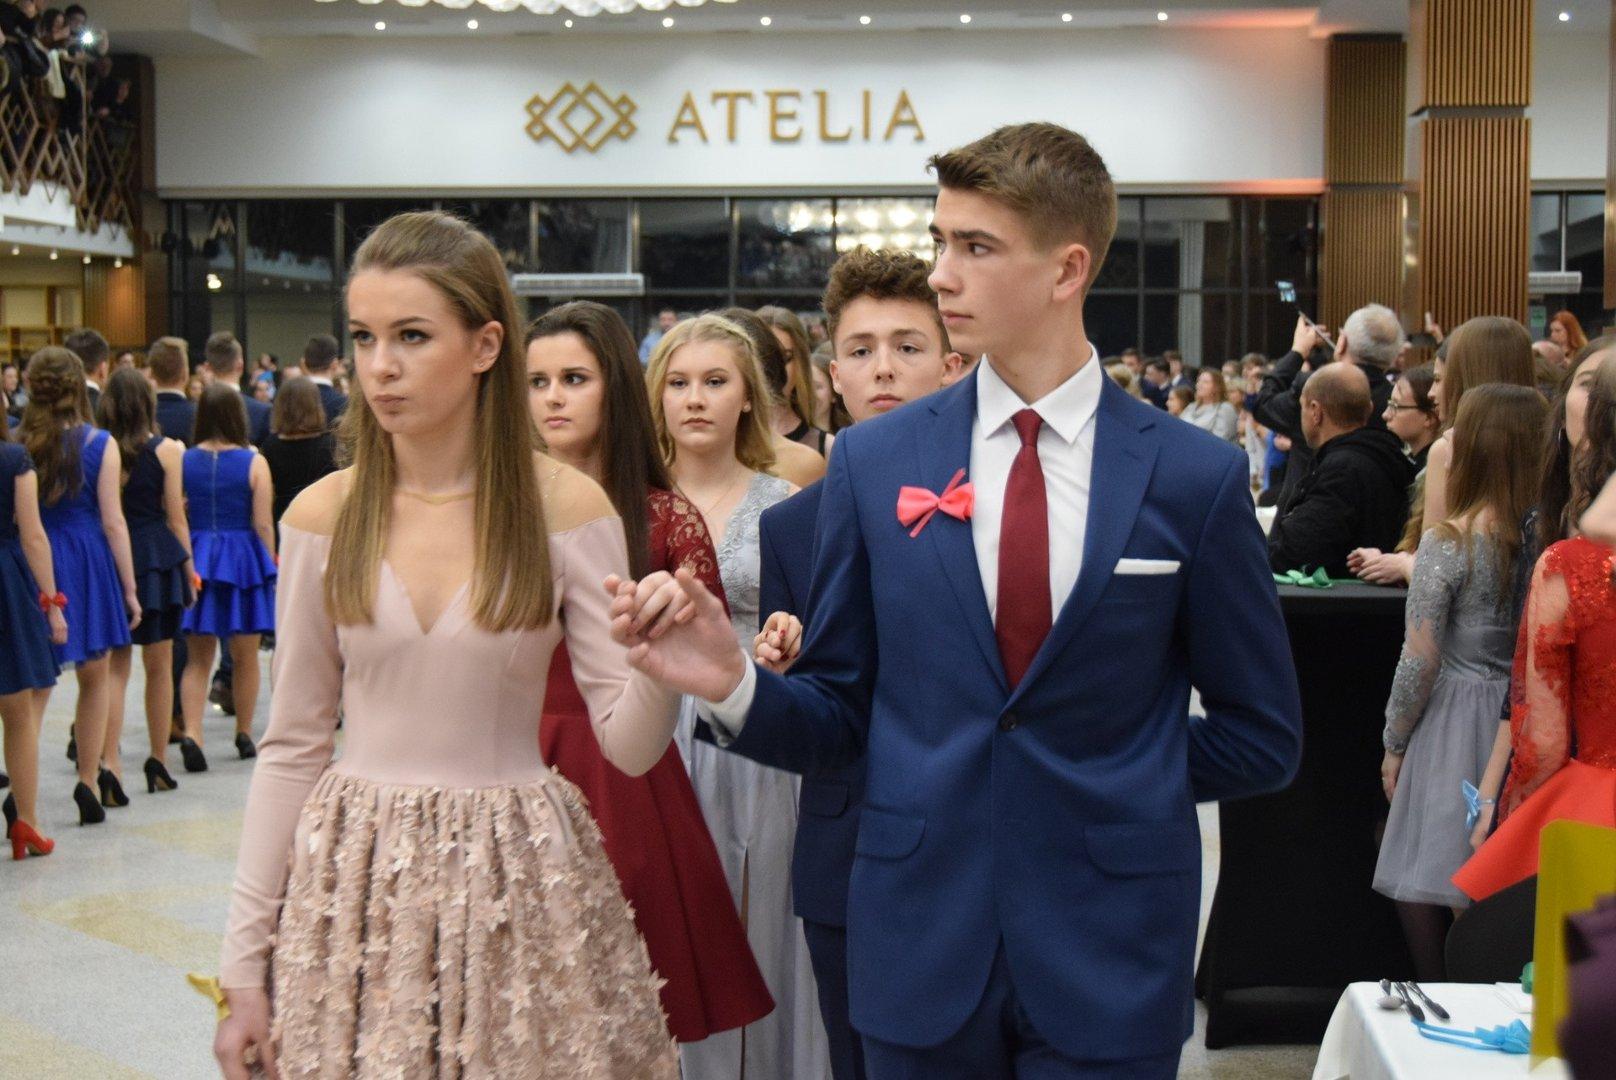 cfcd8042ed Bal gimnazjalny i ósmoklasisty na pożegnanie szkoły. Uczniowie SP 18  zatańczyli poloneza (ZDJĘCIA